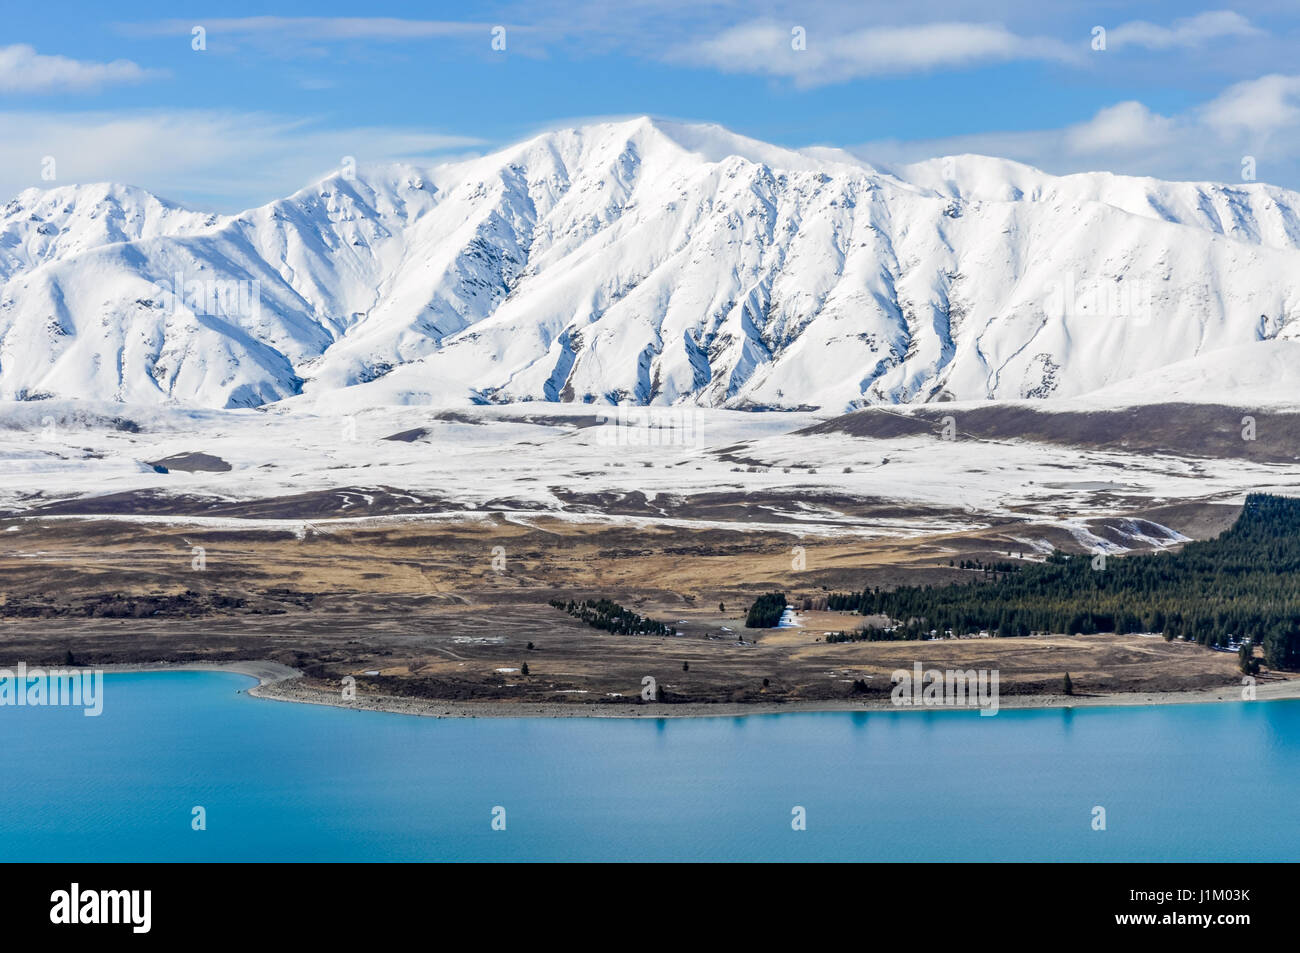 Vista panorámica del lago Tekapo, Isla Sur de Nueva Zelanda Imagen De Stock